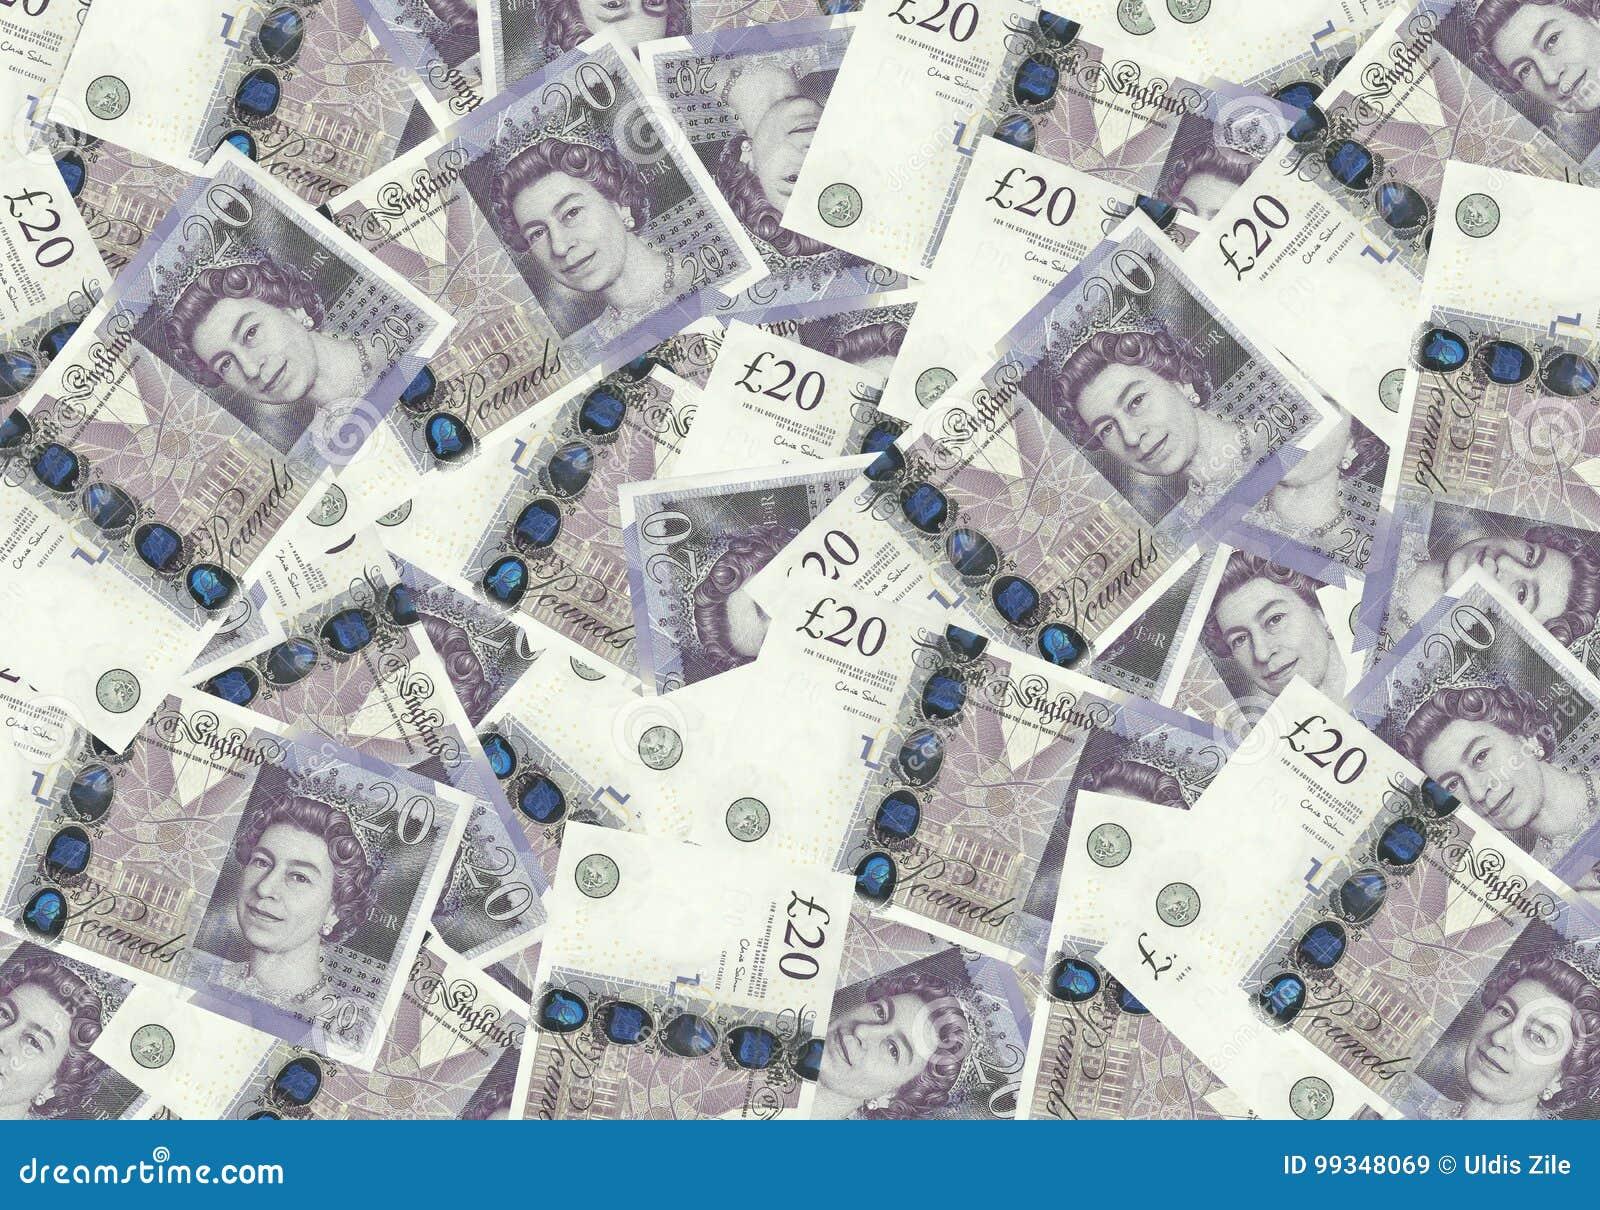 Fond des billets de banque de 20 livre sterling, concept financier Économie de riches de succès de concept